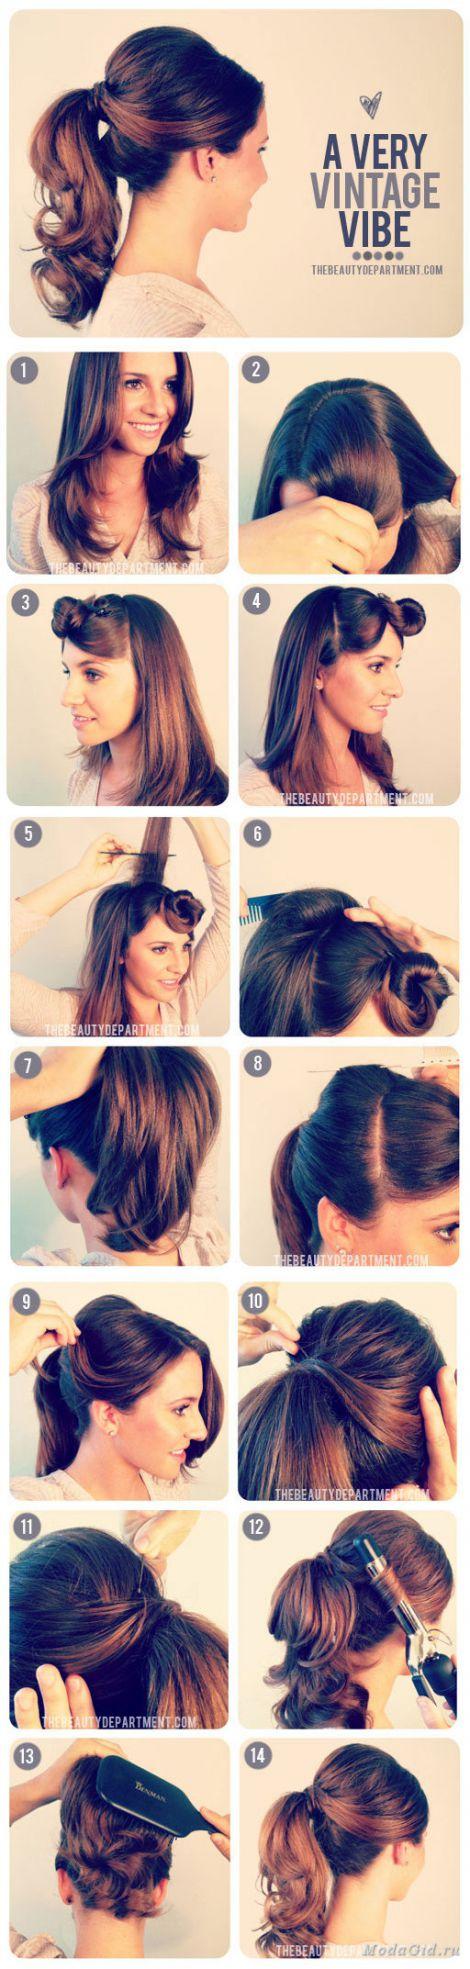 Красивые стрижки фото и как их делать